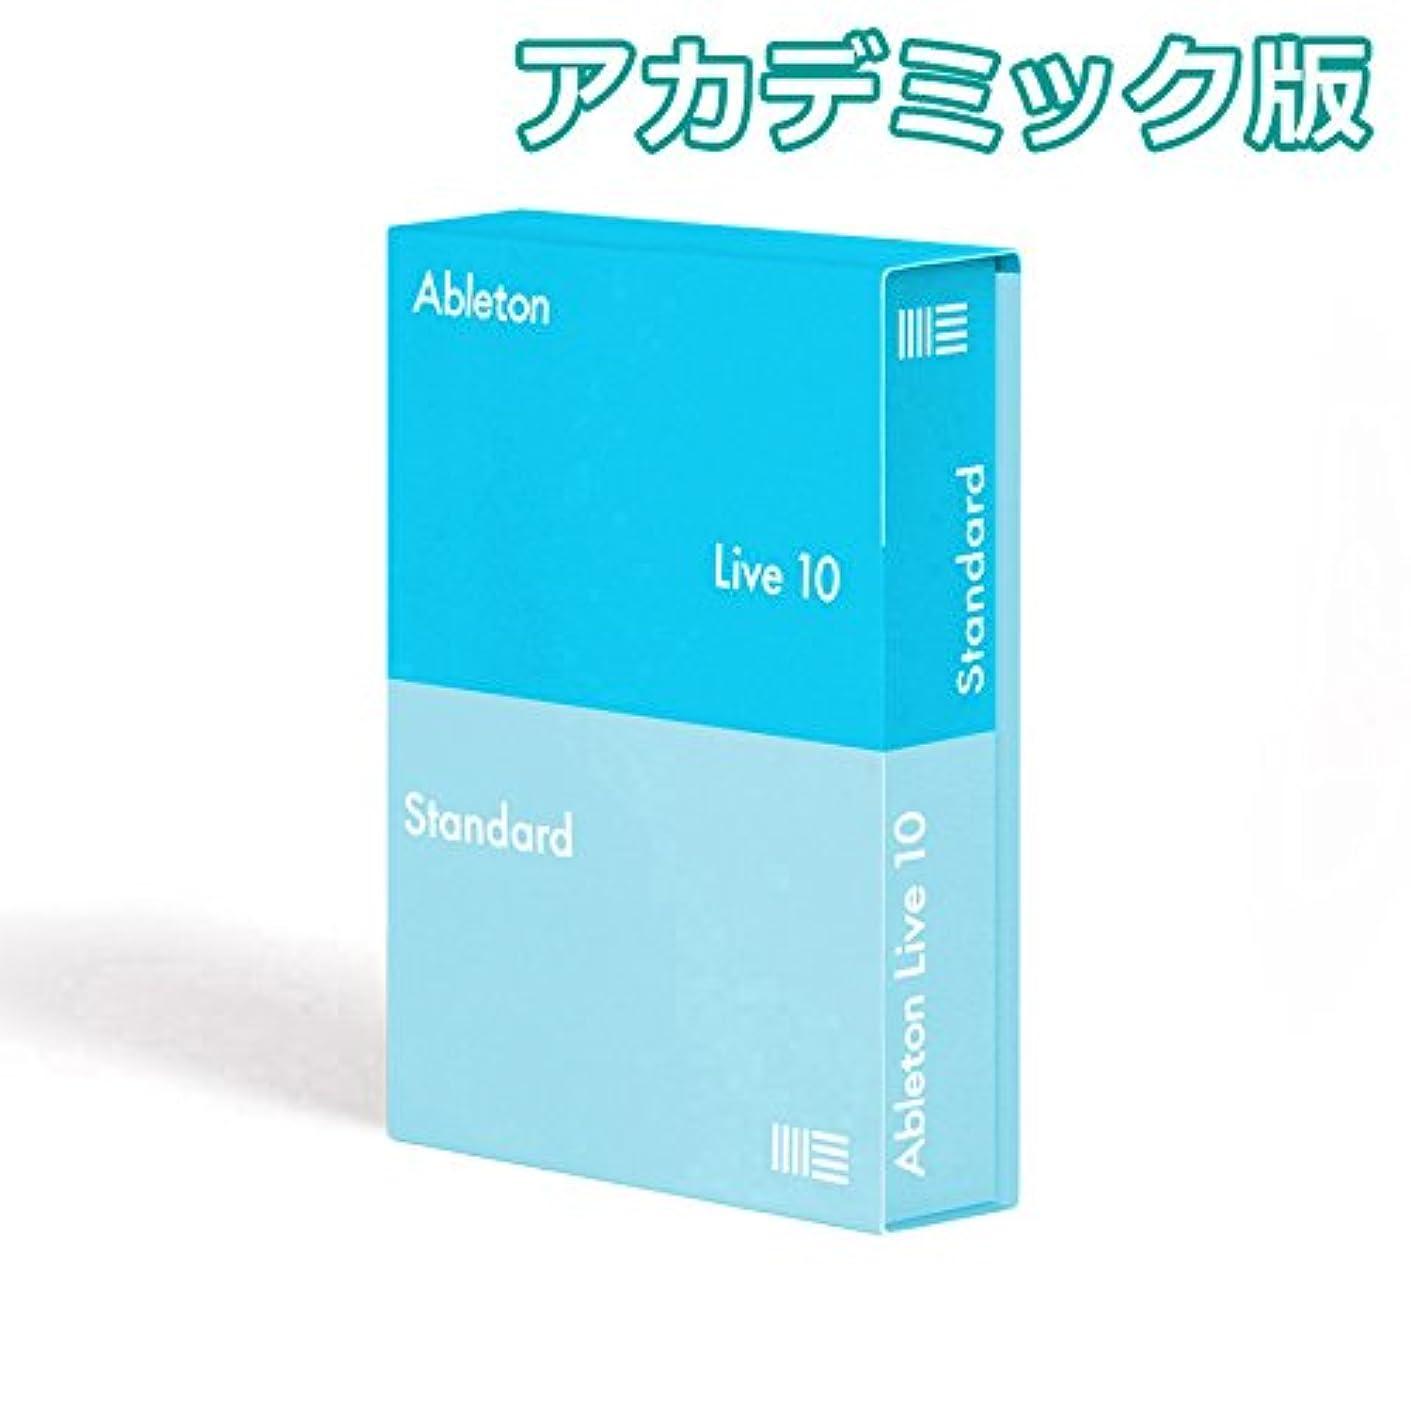 硬化する噛む温室Ableton Live10 Standard アカデミック版 楽曲制作ソフト 【ダウンロード版】 エイブルトン